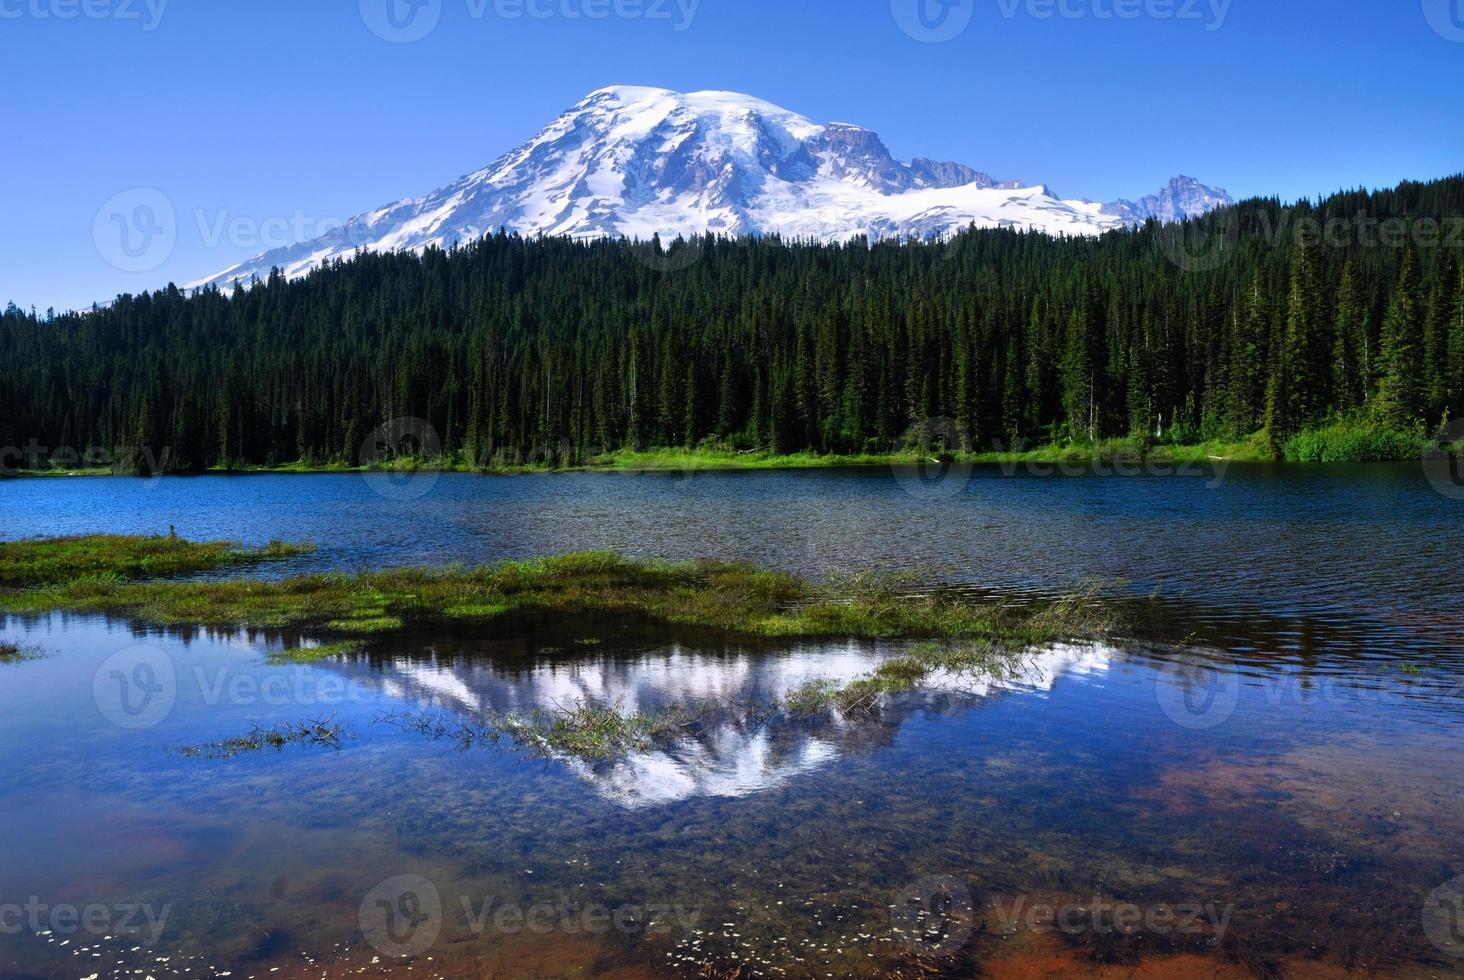 Monte Rainier visto dal lago di riflessione foto